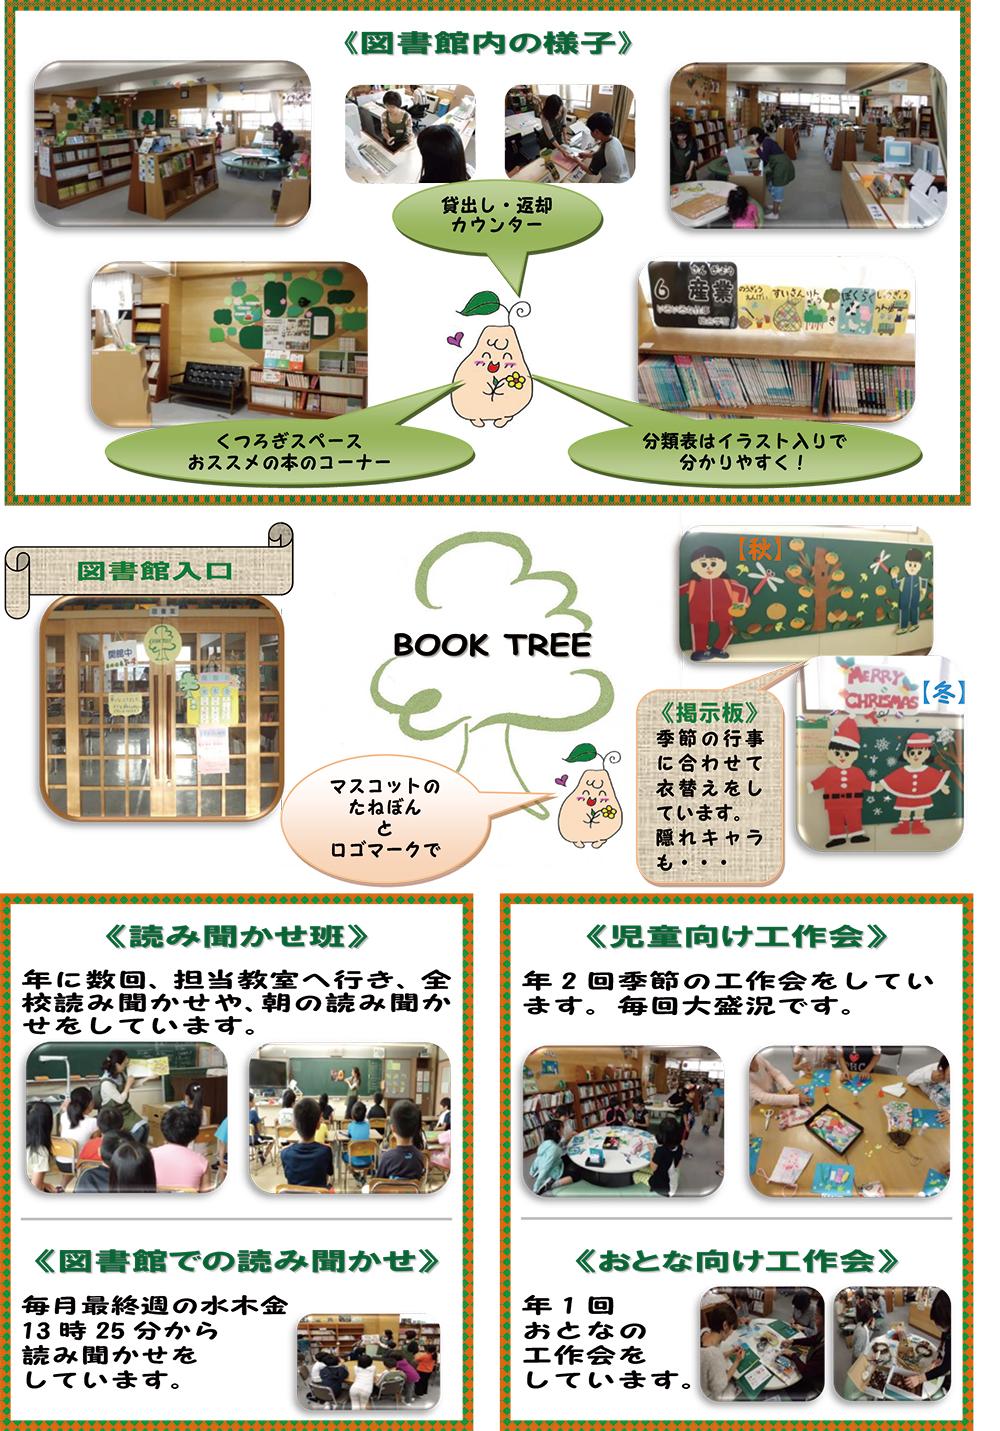 西岡小学校 BOOK TREE